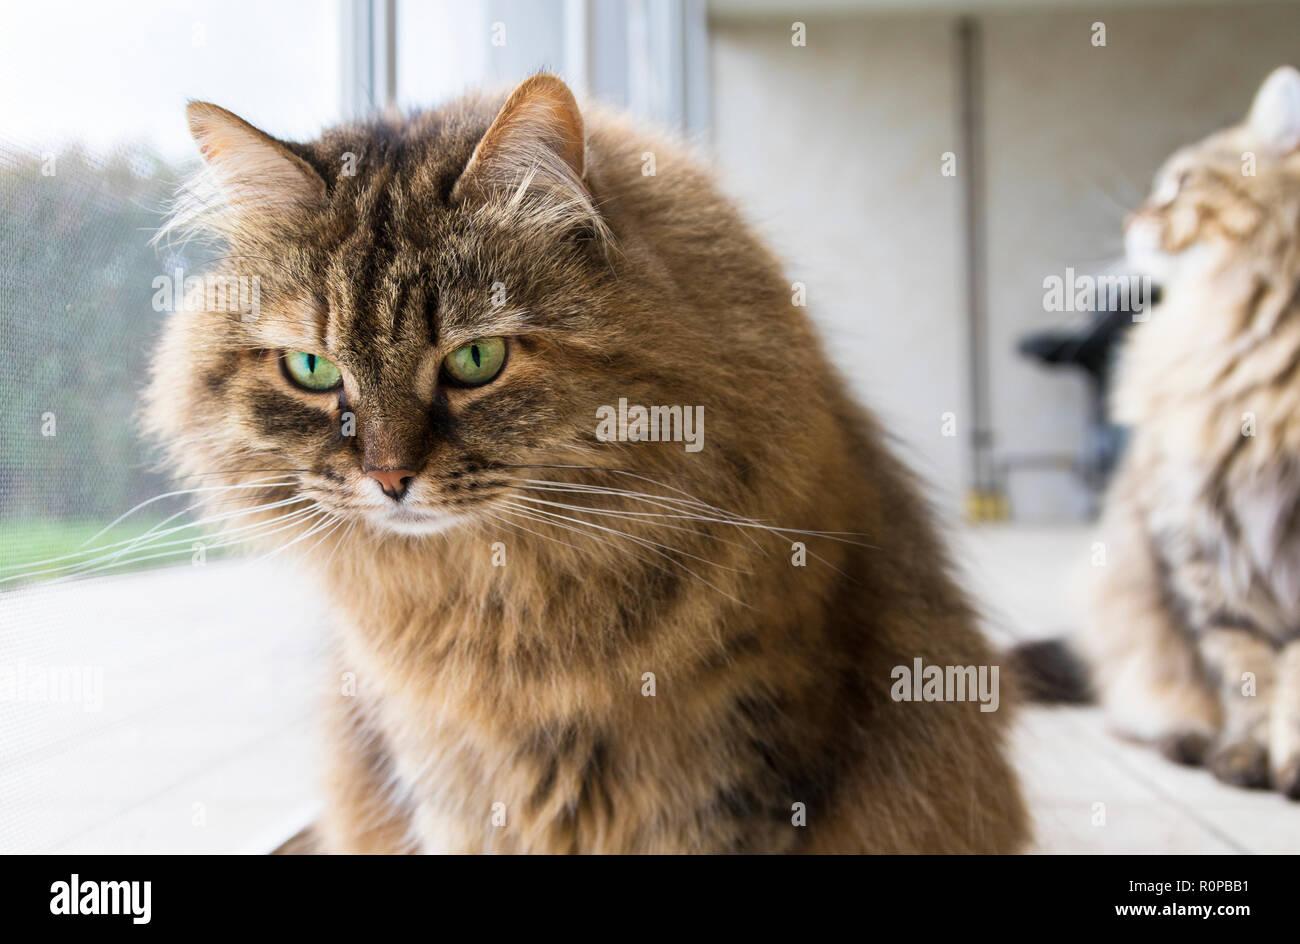 Divertente Gatto alla finestra, curiosa pet Immagini Stock